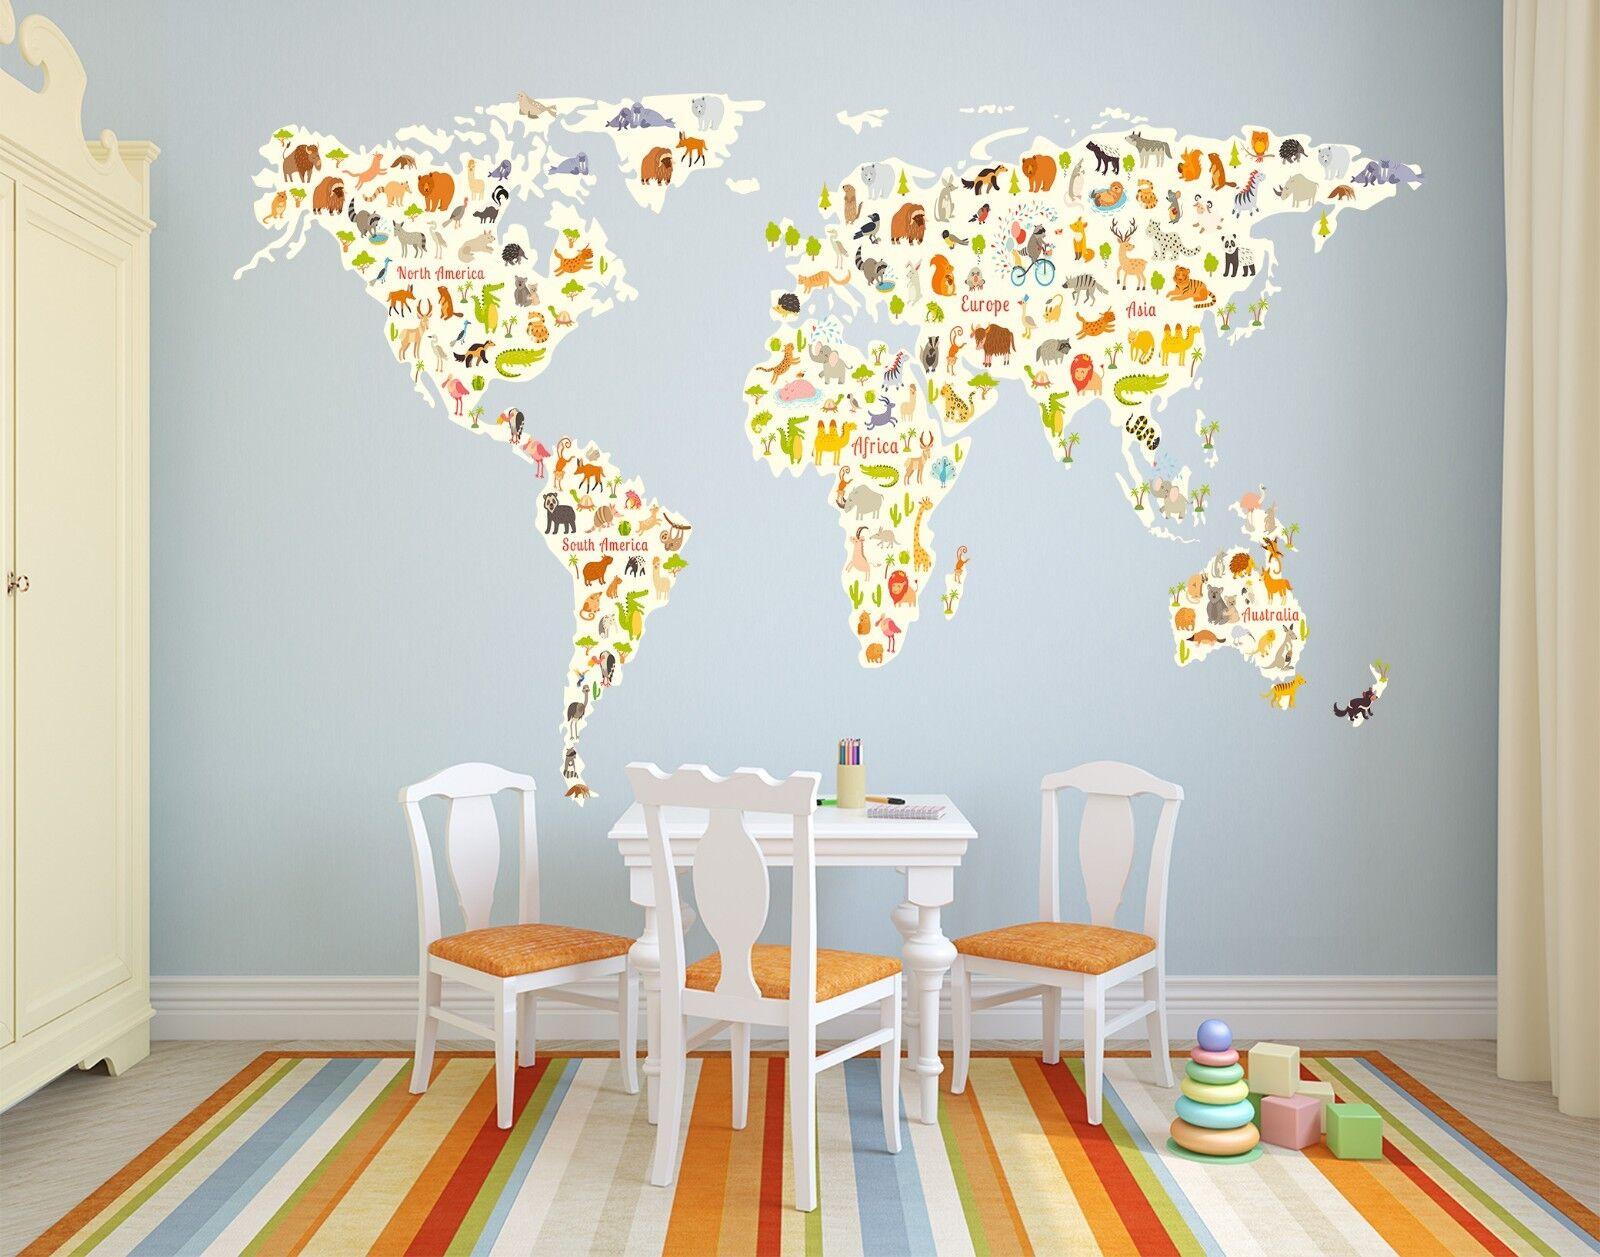 3D World Map Creative 4 Wallpaper Mural Floor Wall Print Decal Wall Sticker UK